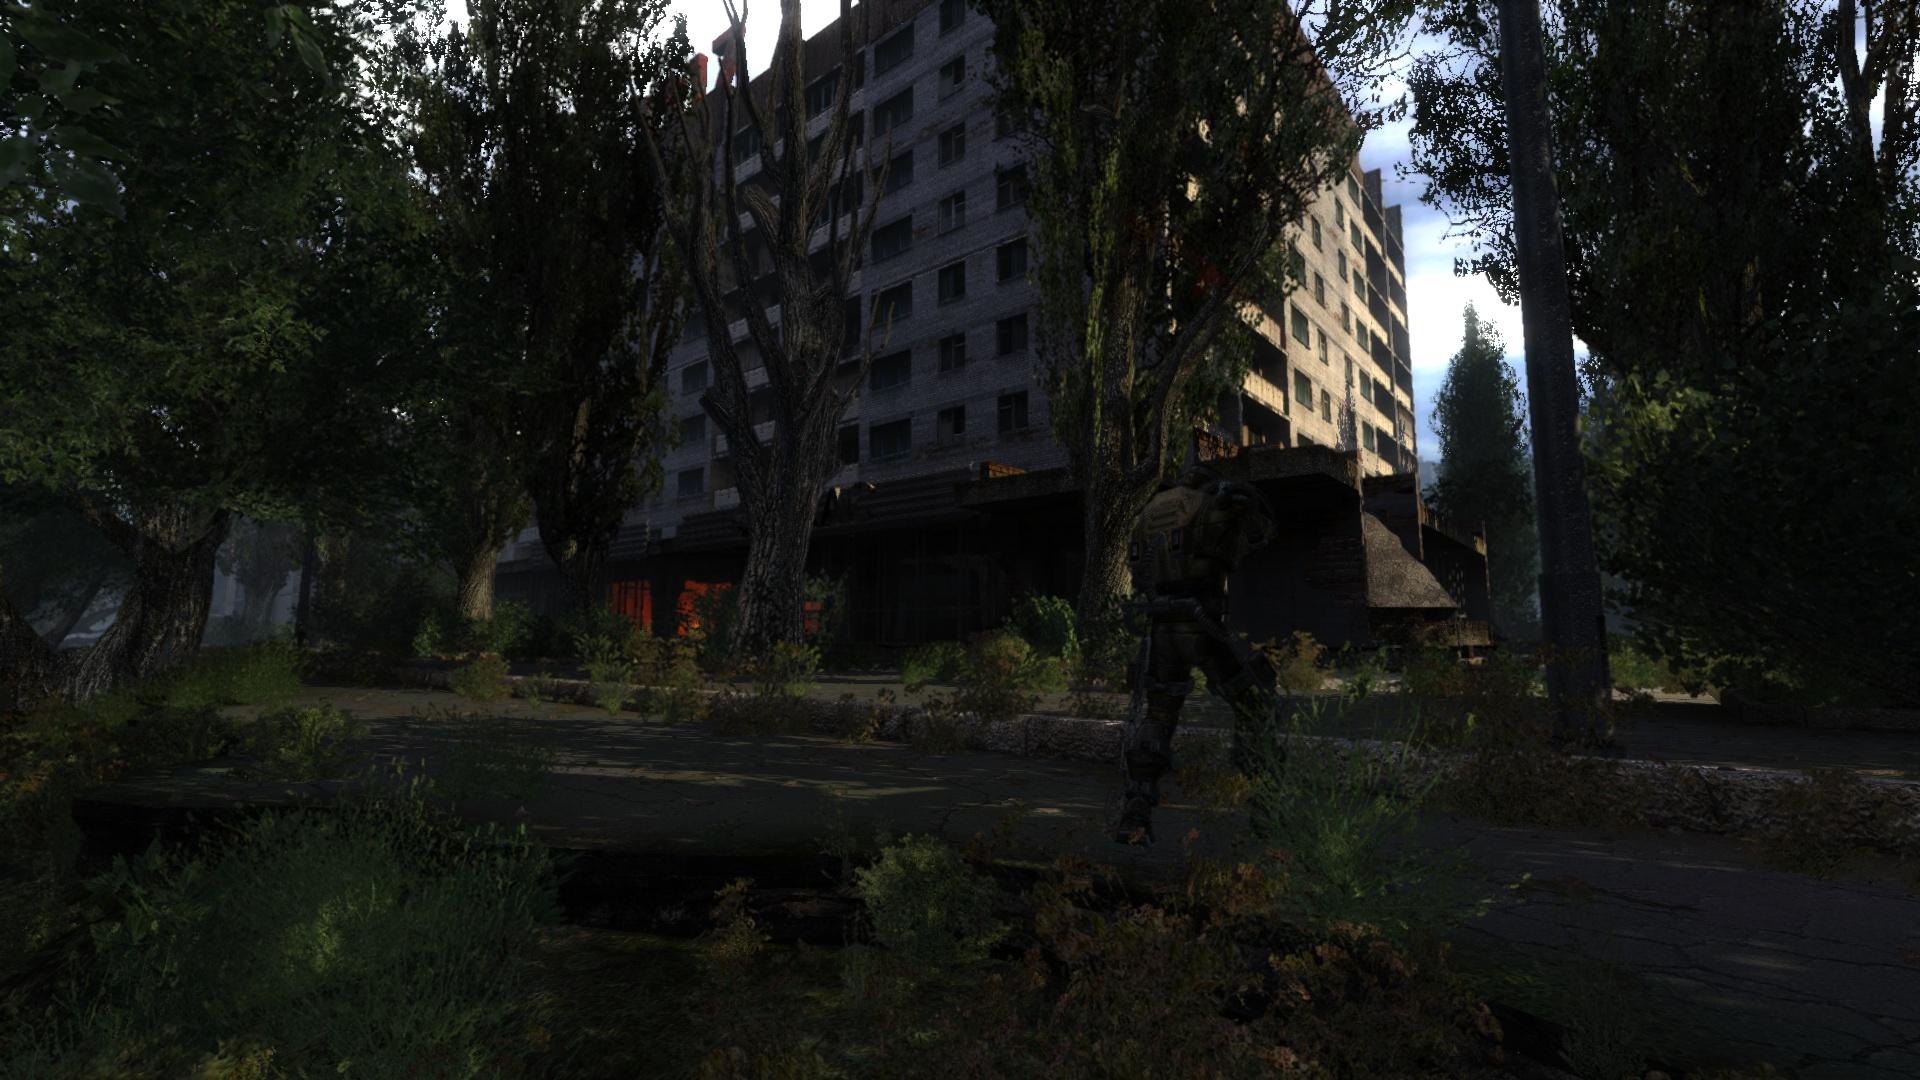 ss_xray_10-04-12_01-47-00_la11_pripyat.j